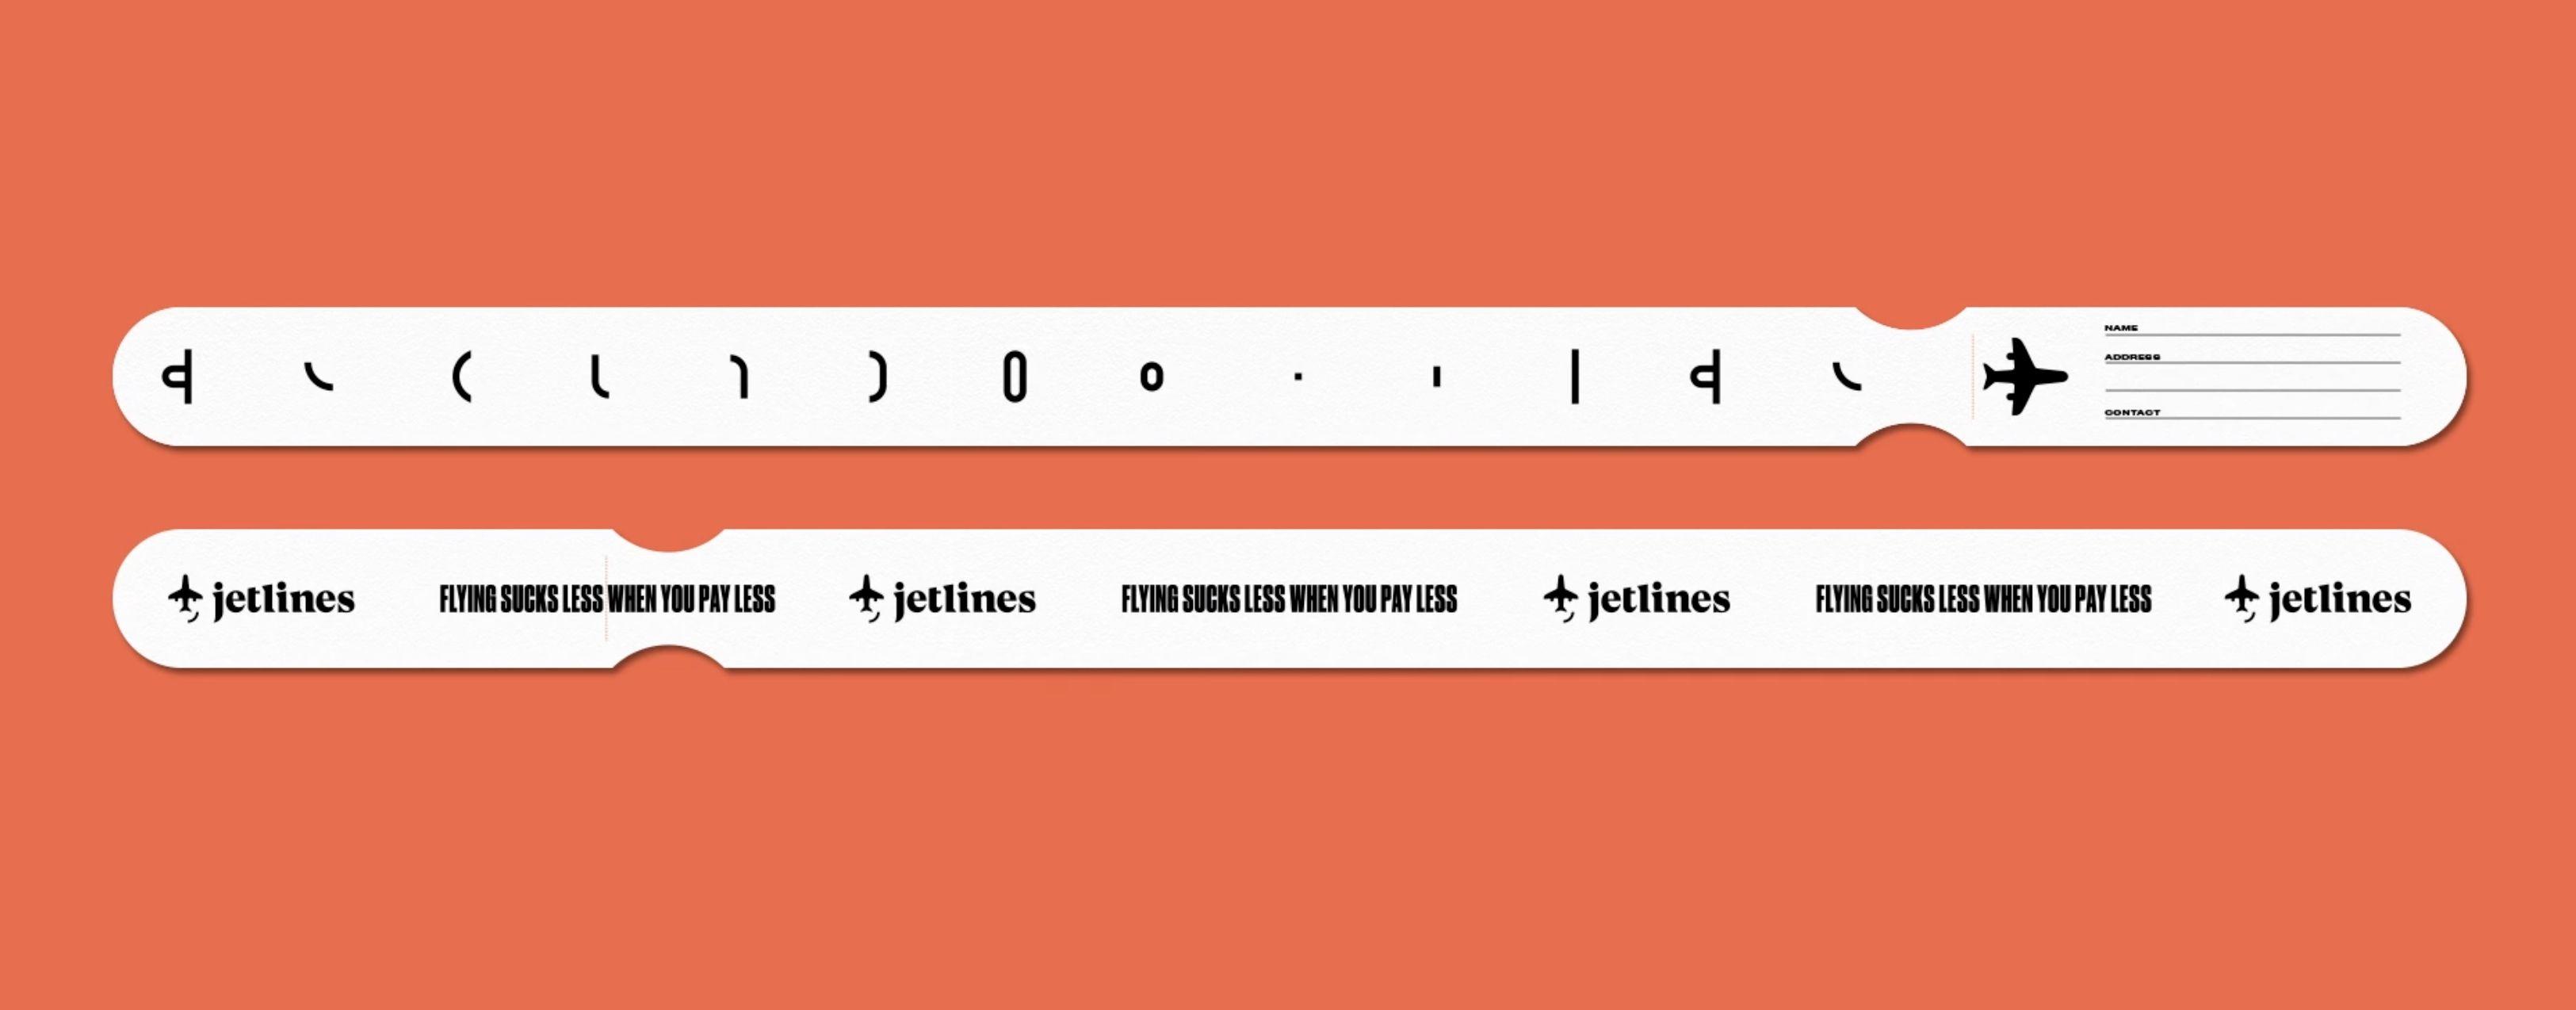 加拿大廉价航空Jetlines推出有趣新Logo